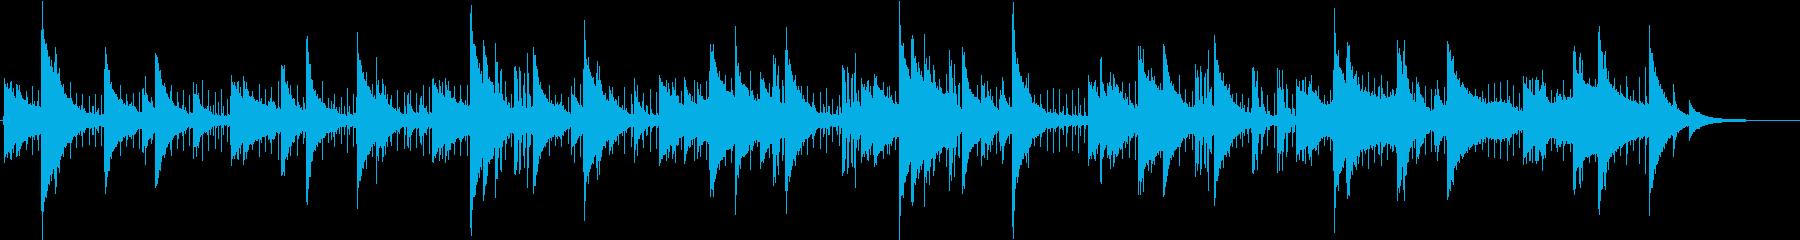 ジャズ風のピアノミニマルミュージックの再生済みの波形